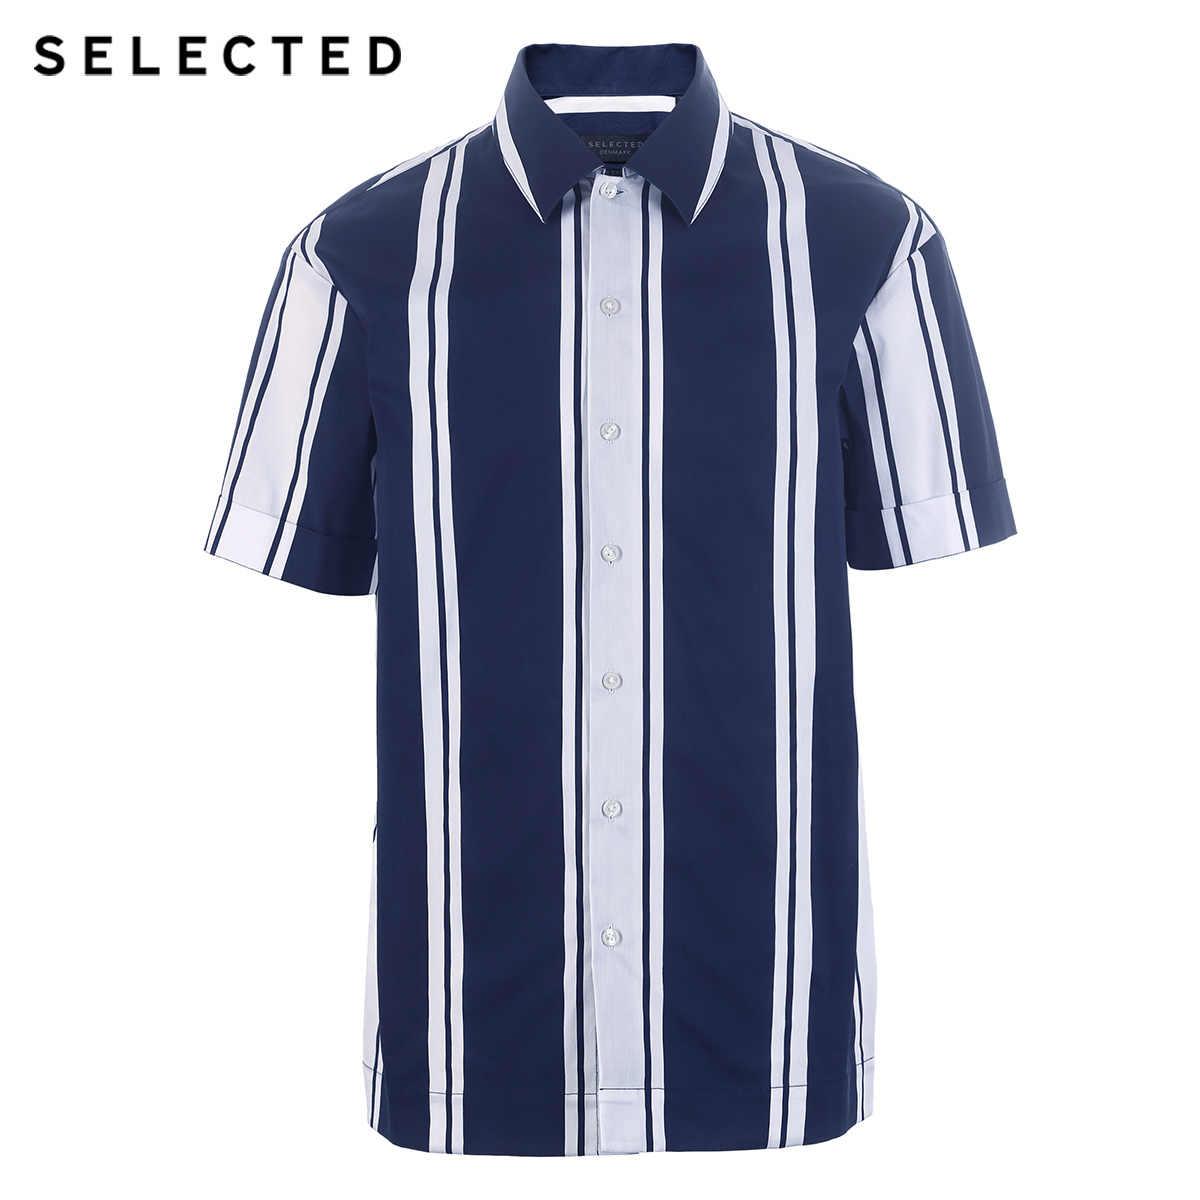 Мужская рубашка в полоску с короткими рукавами и контрастной строчкой, модная повседневная рубашка в стиле ретро, S | 419204563